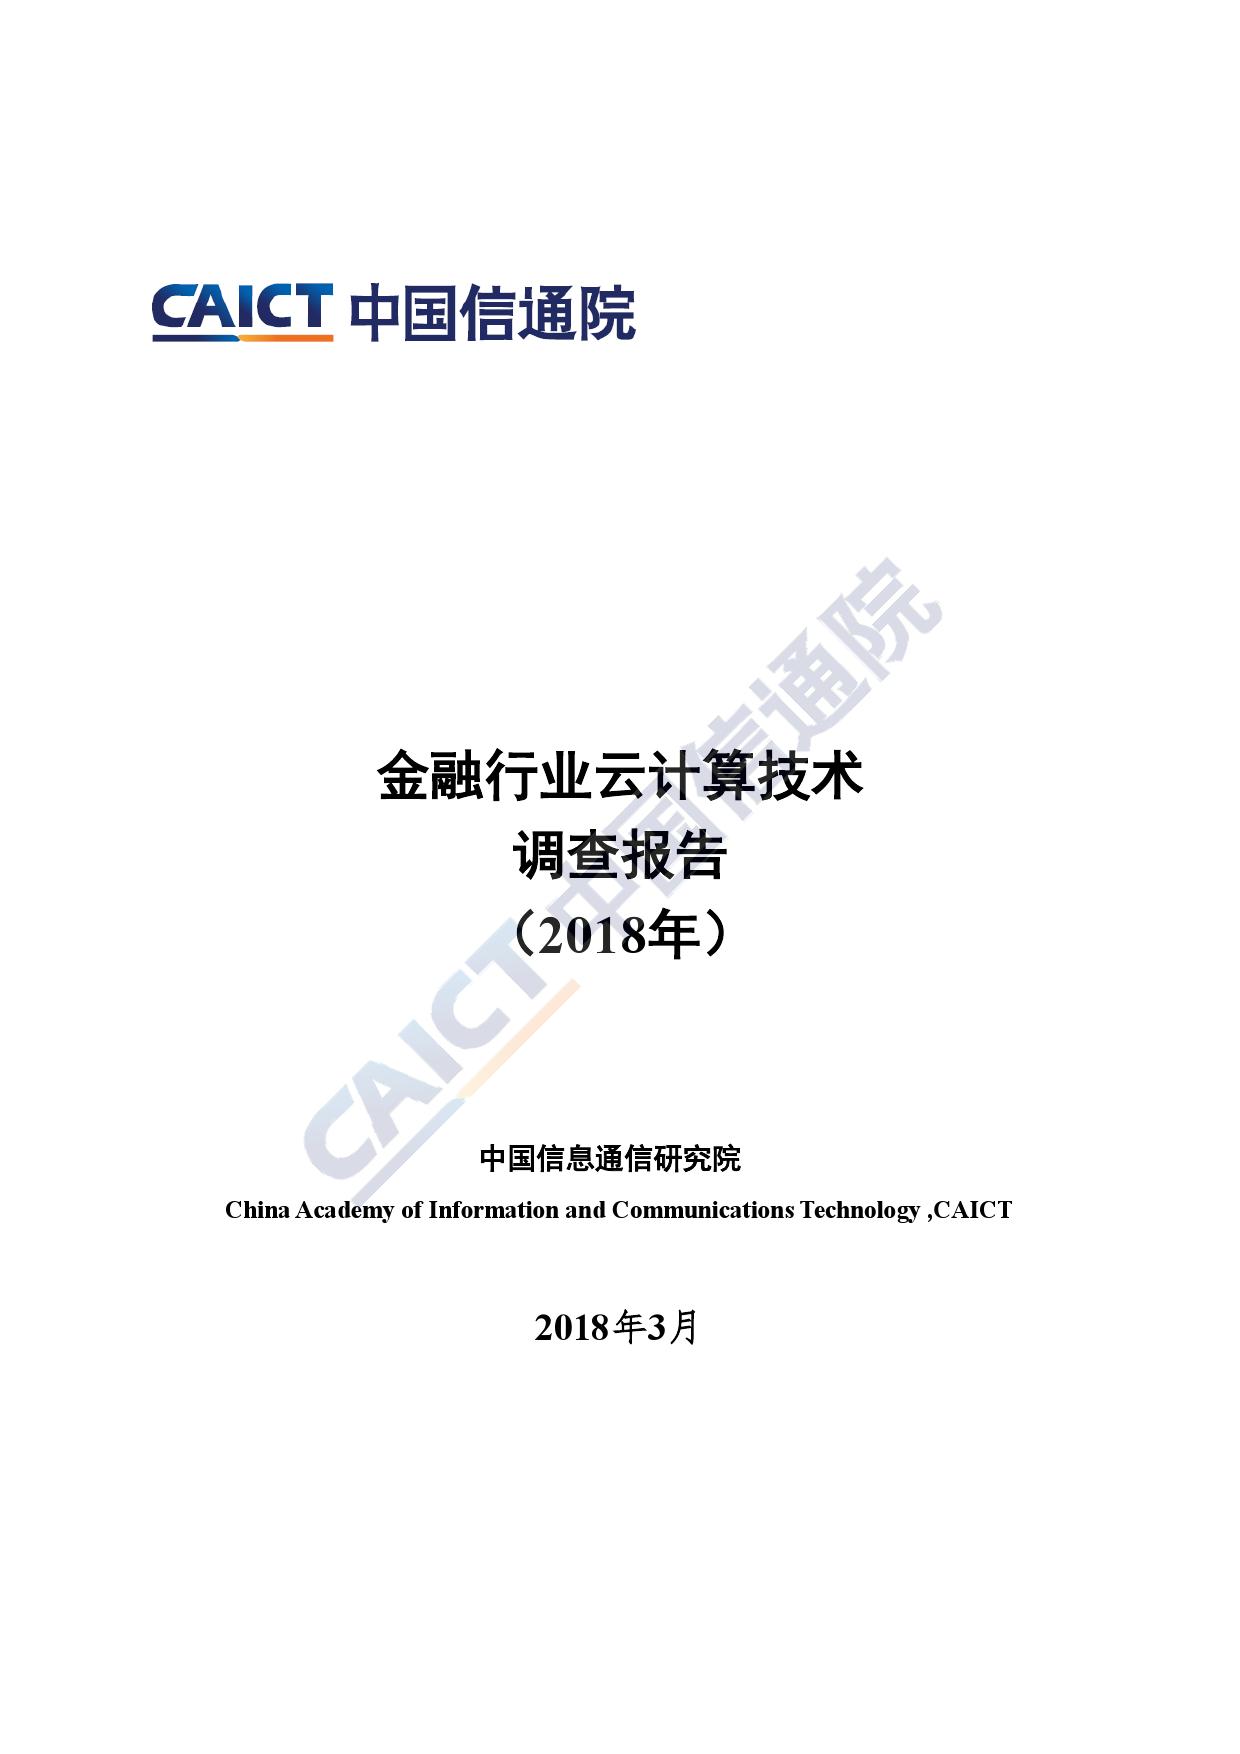 中国信通院:2018年金融行业云计算技术调查报告(附下载)